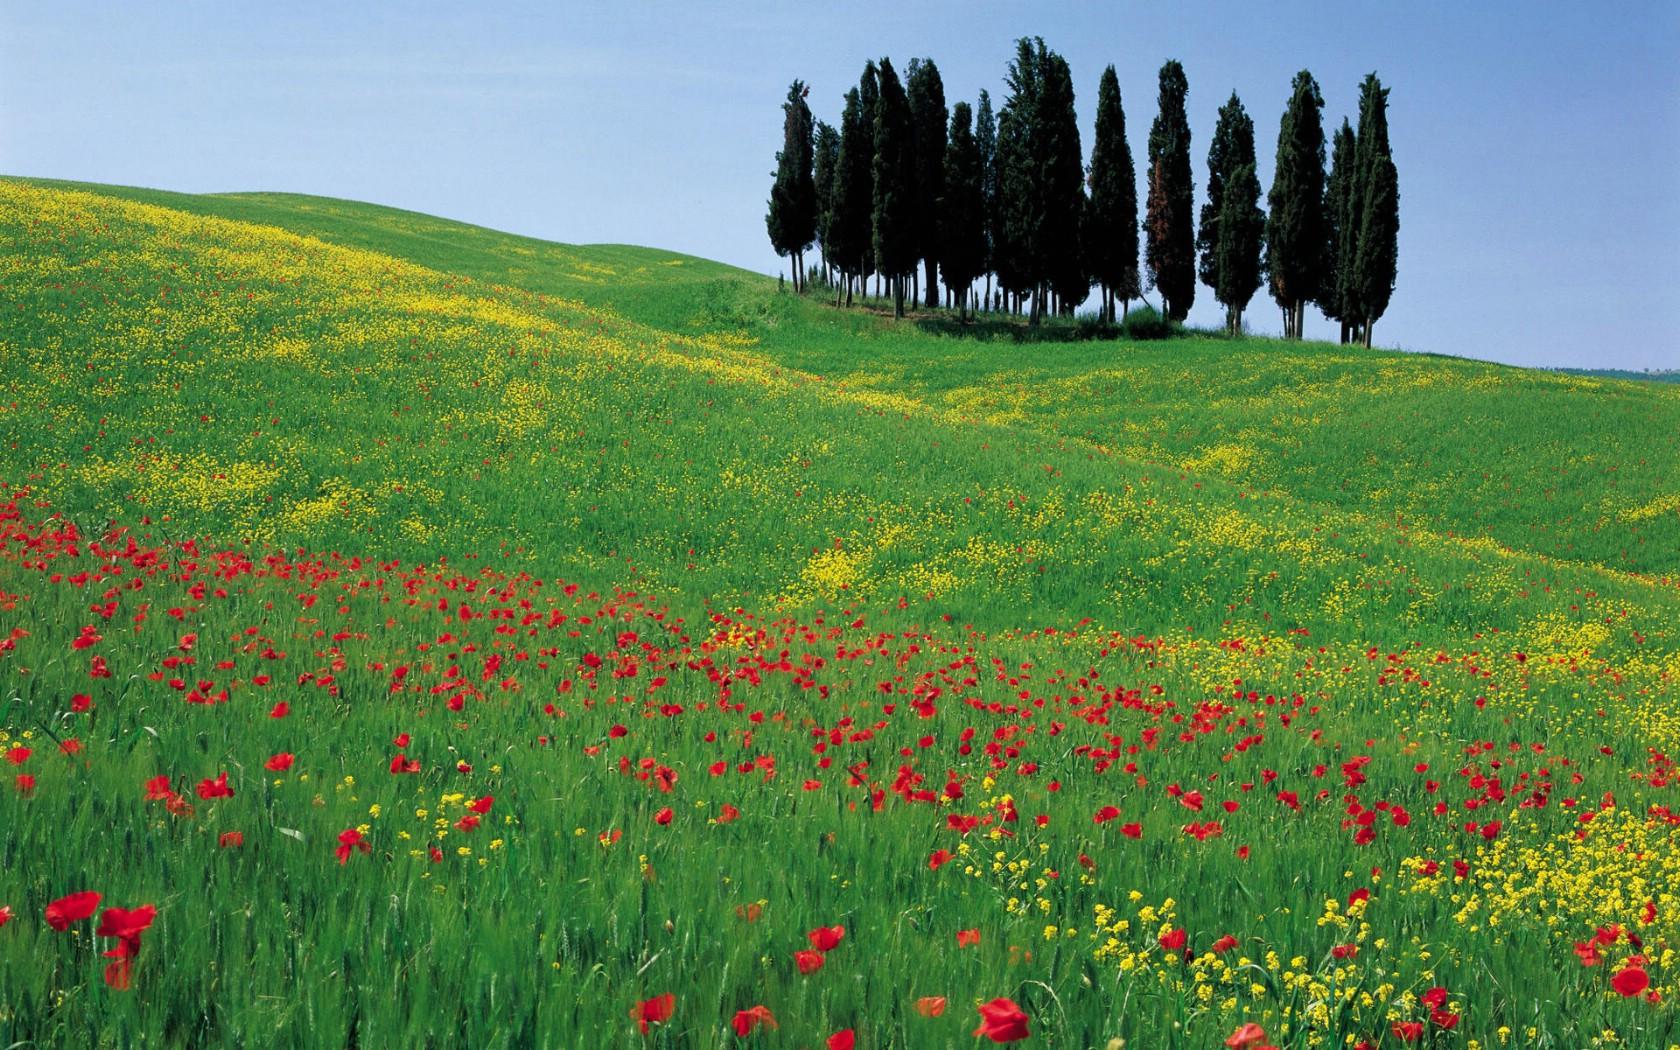 壁纸1680×1050意大利风光风景高清宽屏壁纸 壁纸19壁纸